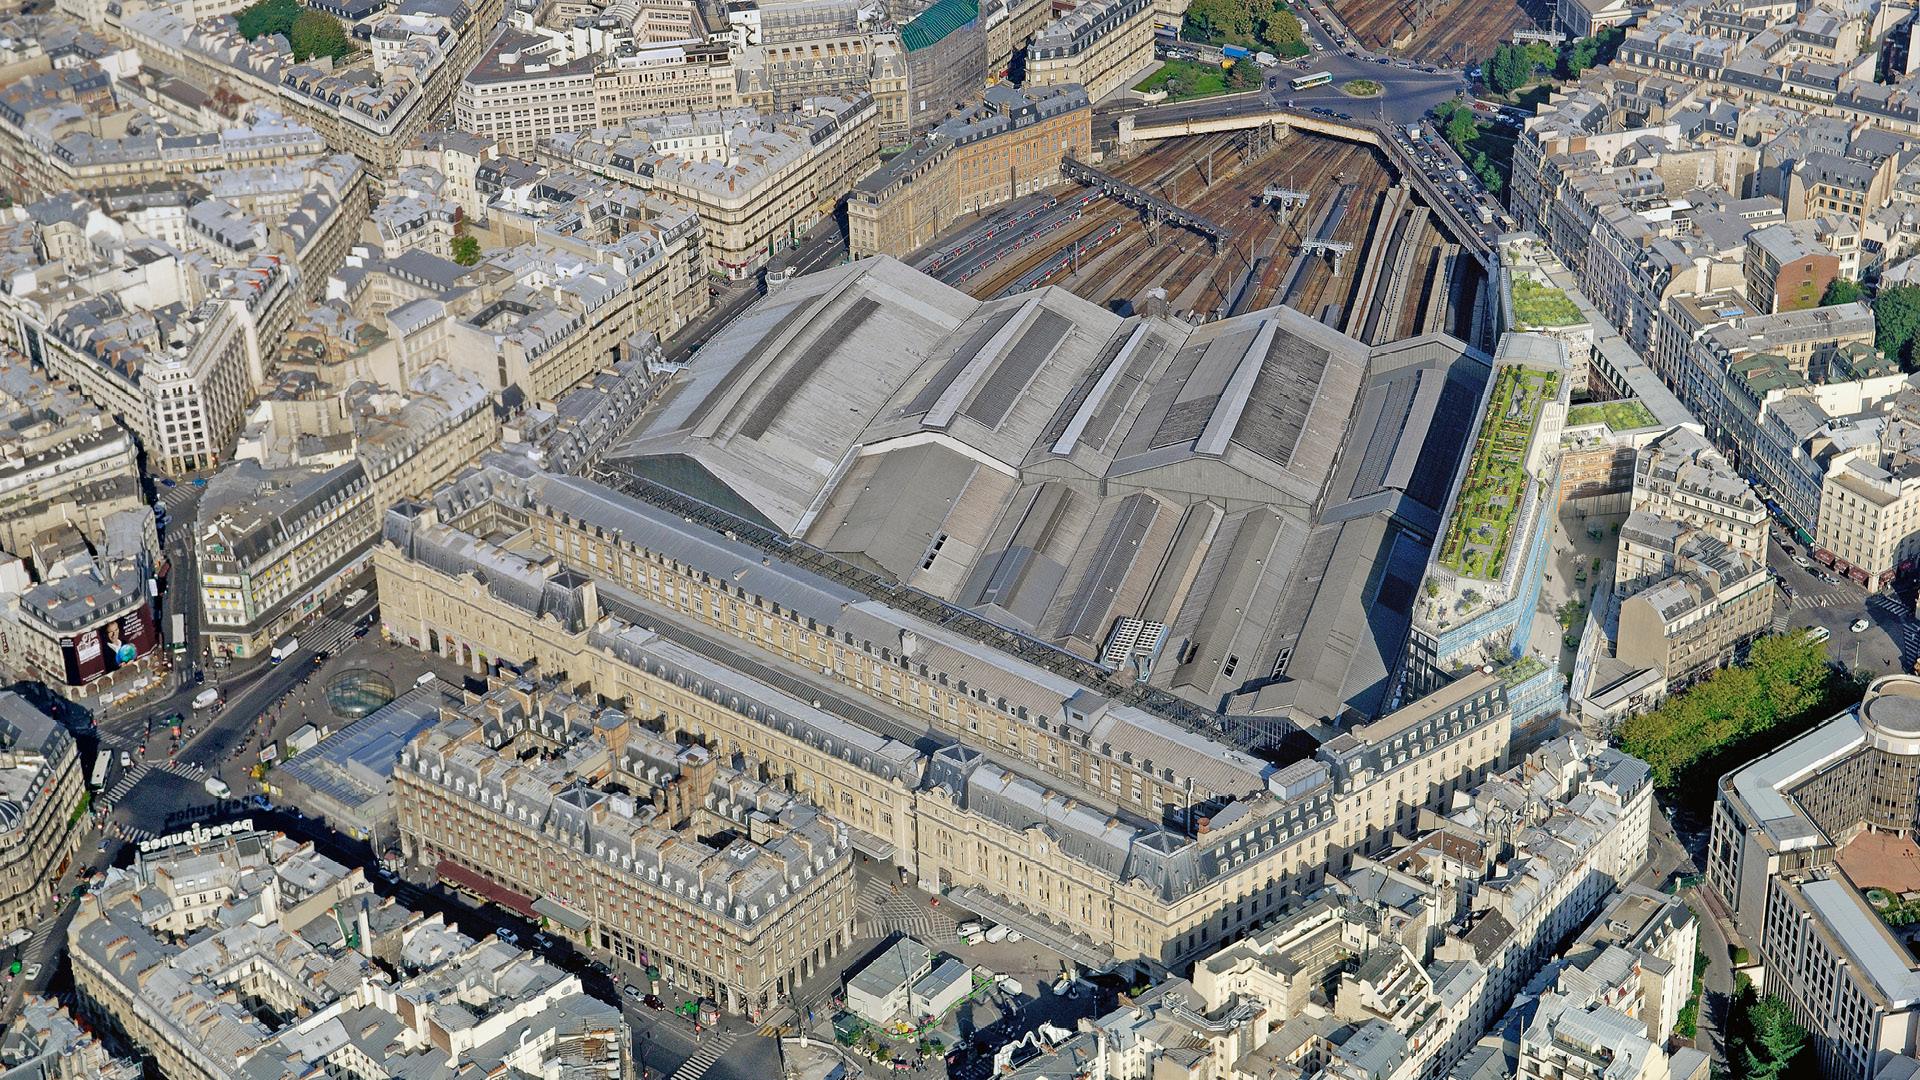 Vue de la gare Saint-Lazare